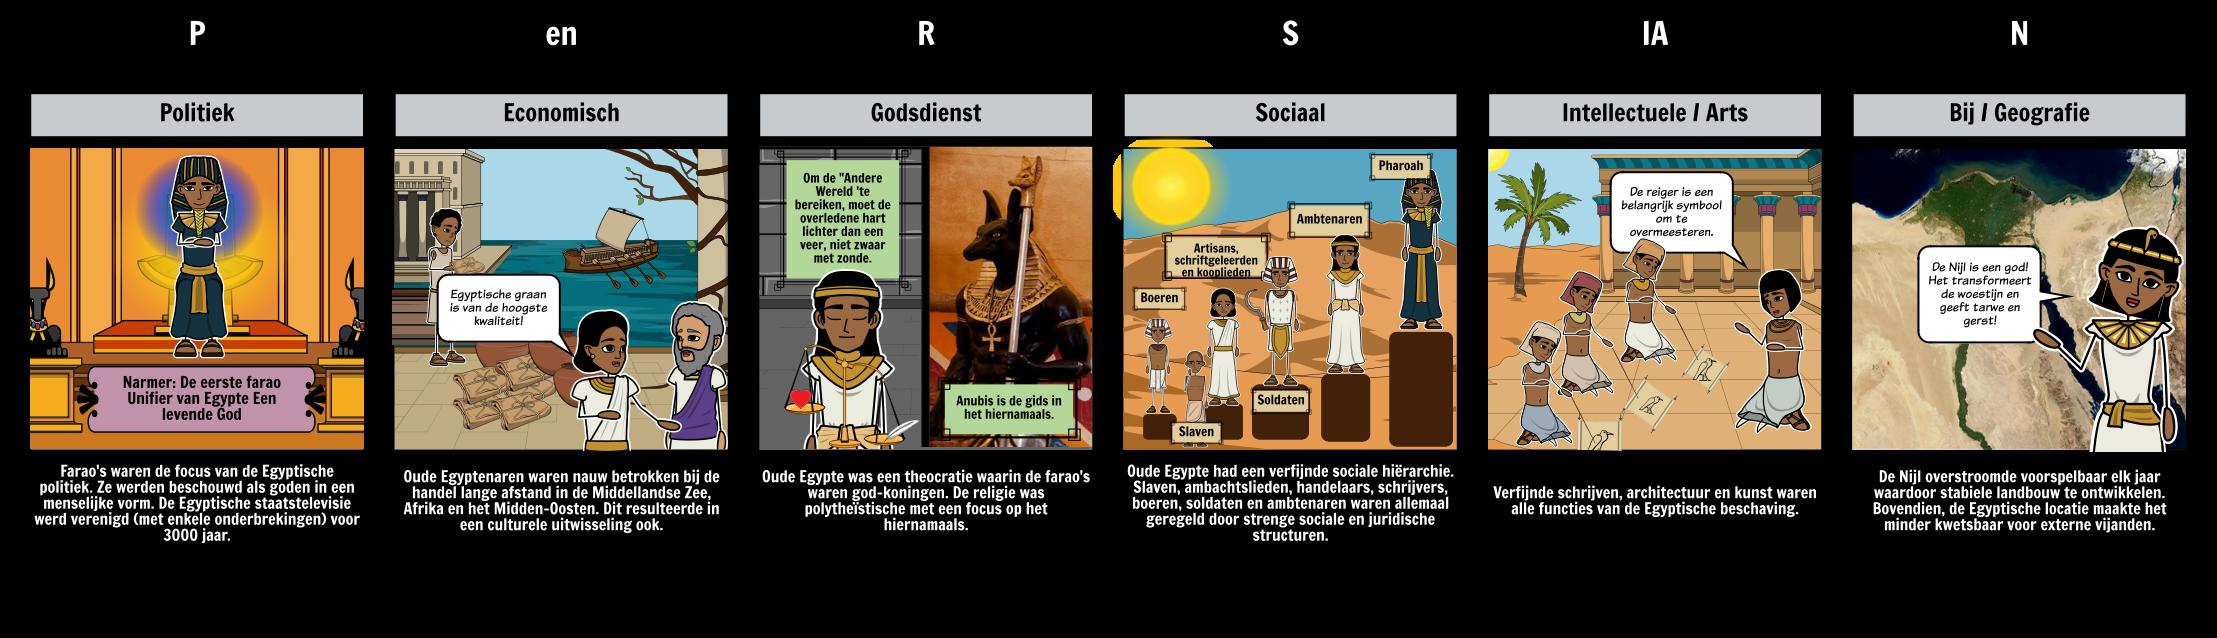 Meer Informatie Over het Oude Egypte - Persian